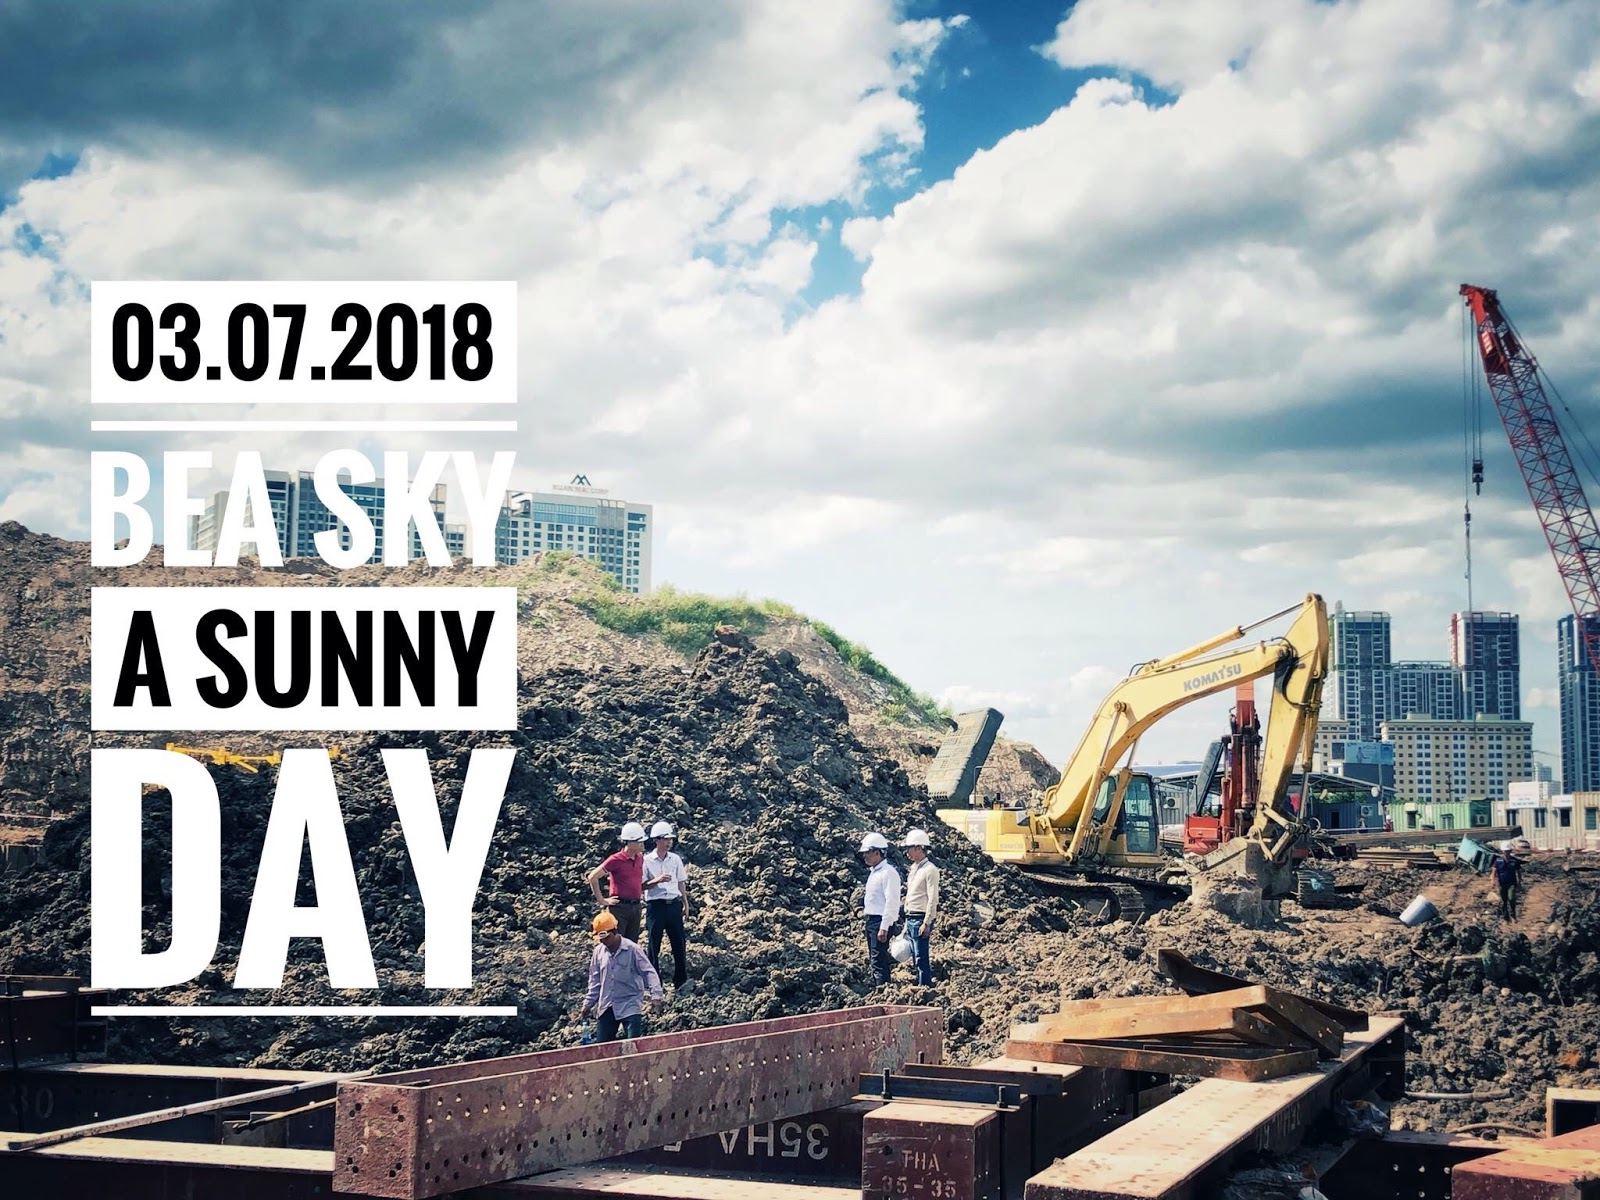 Tiến độ Xây Dựng Bea Sky Nguyễn Xiển Ngày 03-07-2018